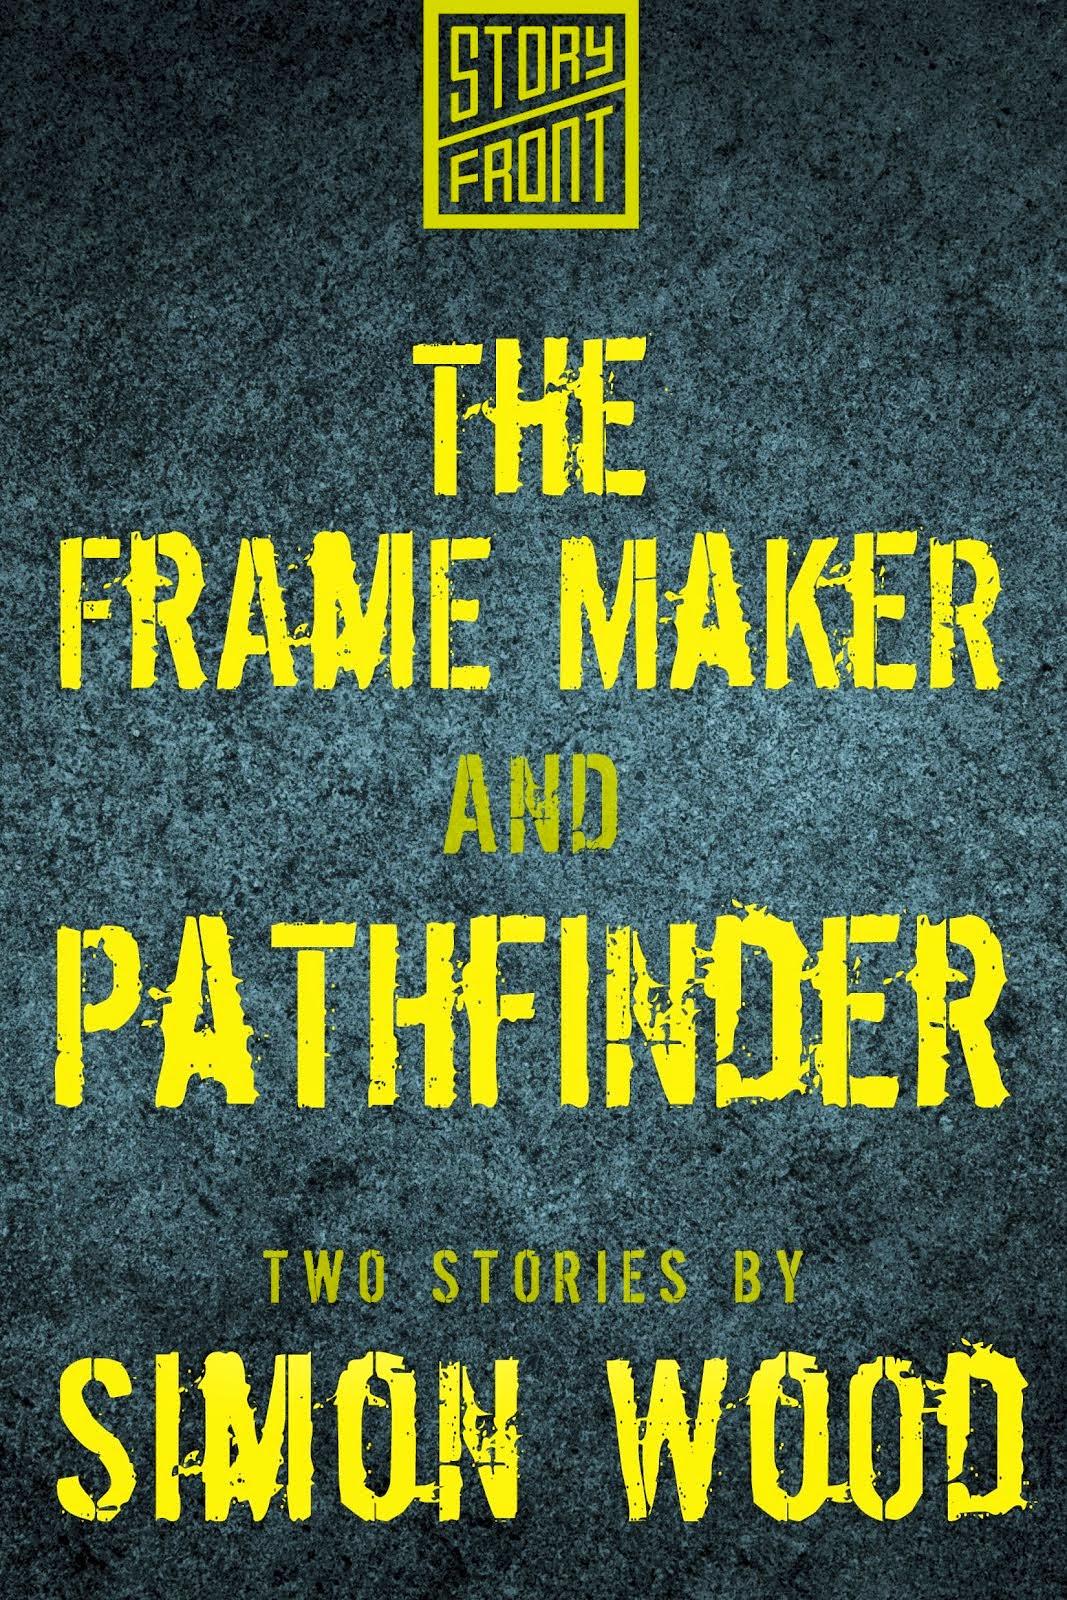 THE FRAME MAKER & PATHFINDER